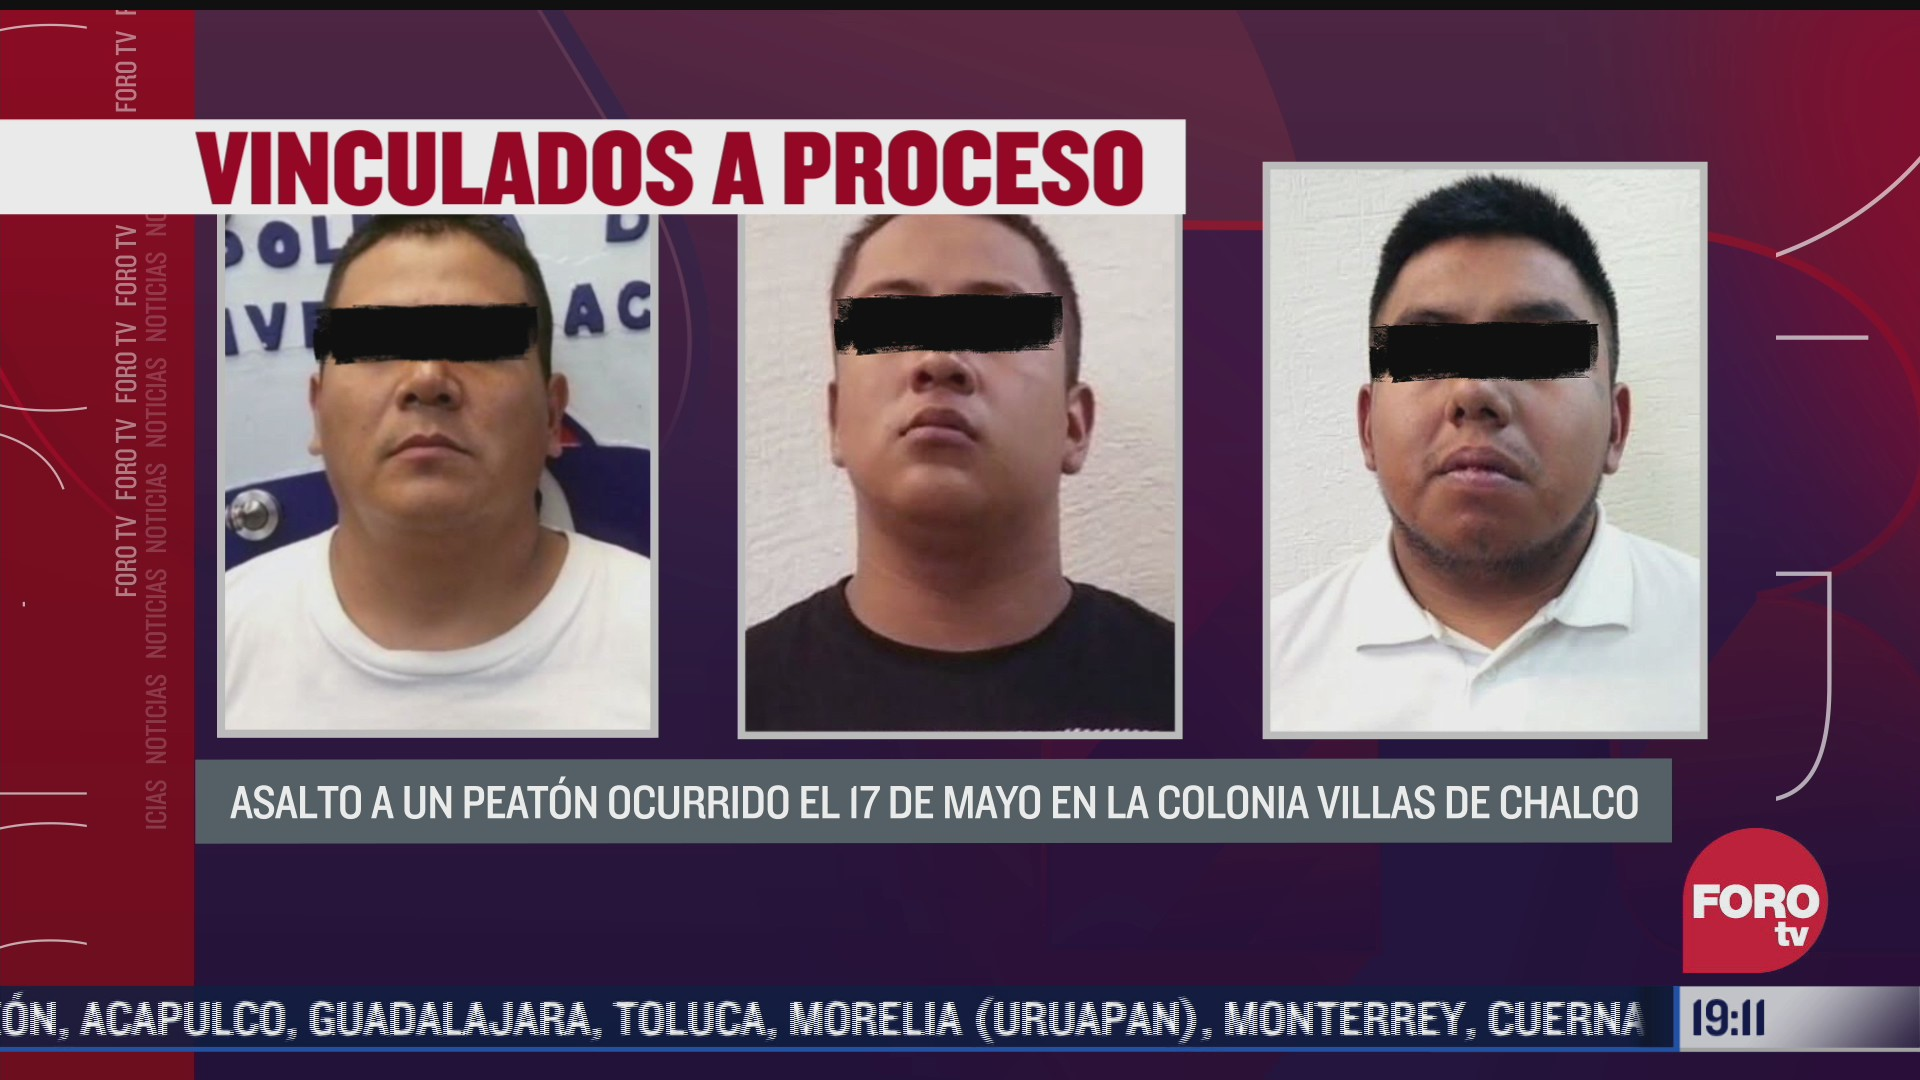 vinculan a proceso a tres tras asalto en valle de chalco